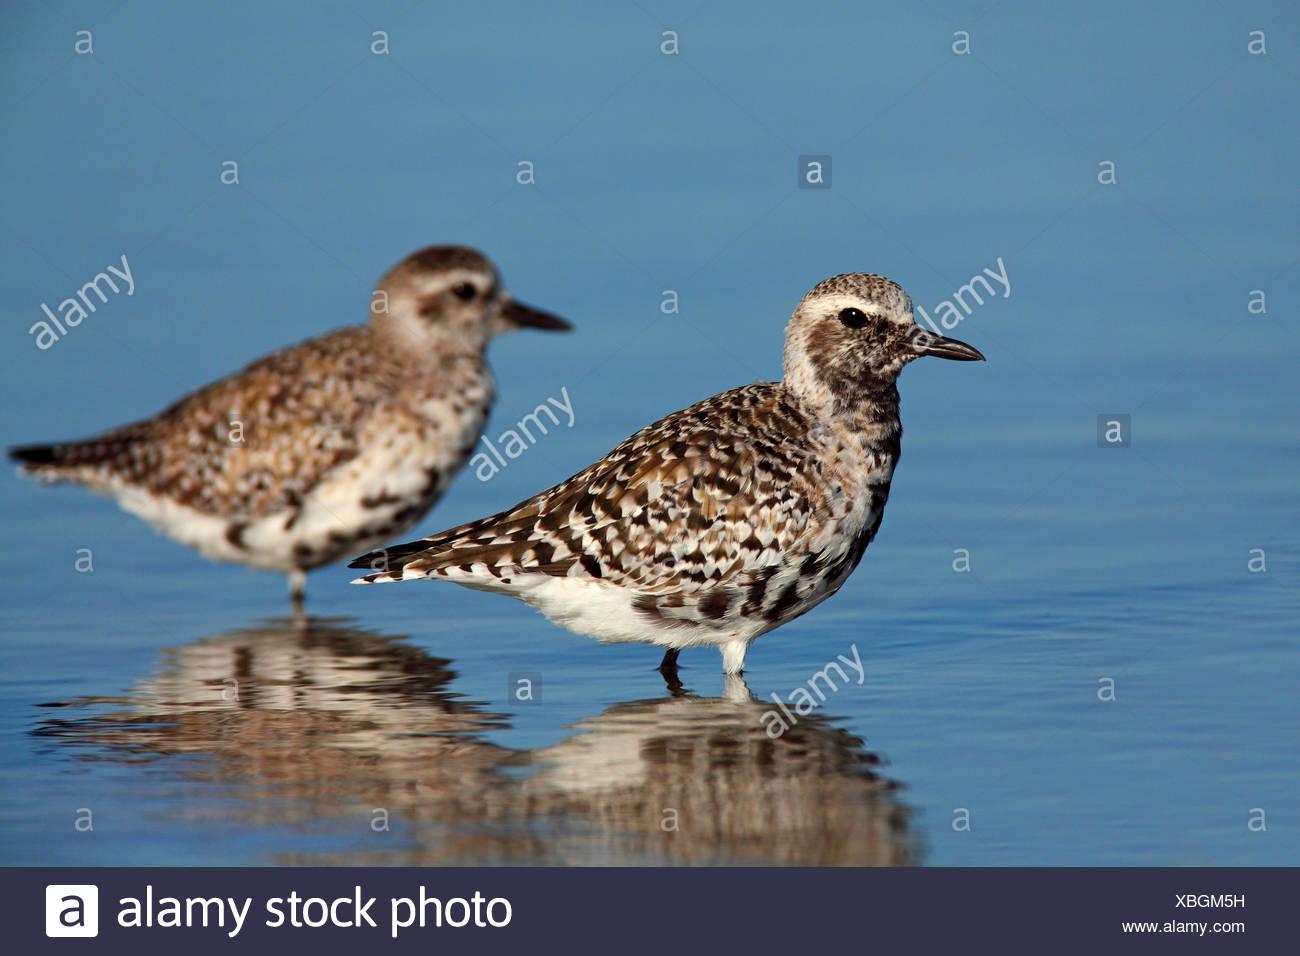 graue Regenpfeifer (Pluvialis Squatarola), Vögel im Winterkleid und im Übergang zur Zucht Gefieder, USA, Florida Stockbild